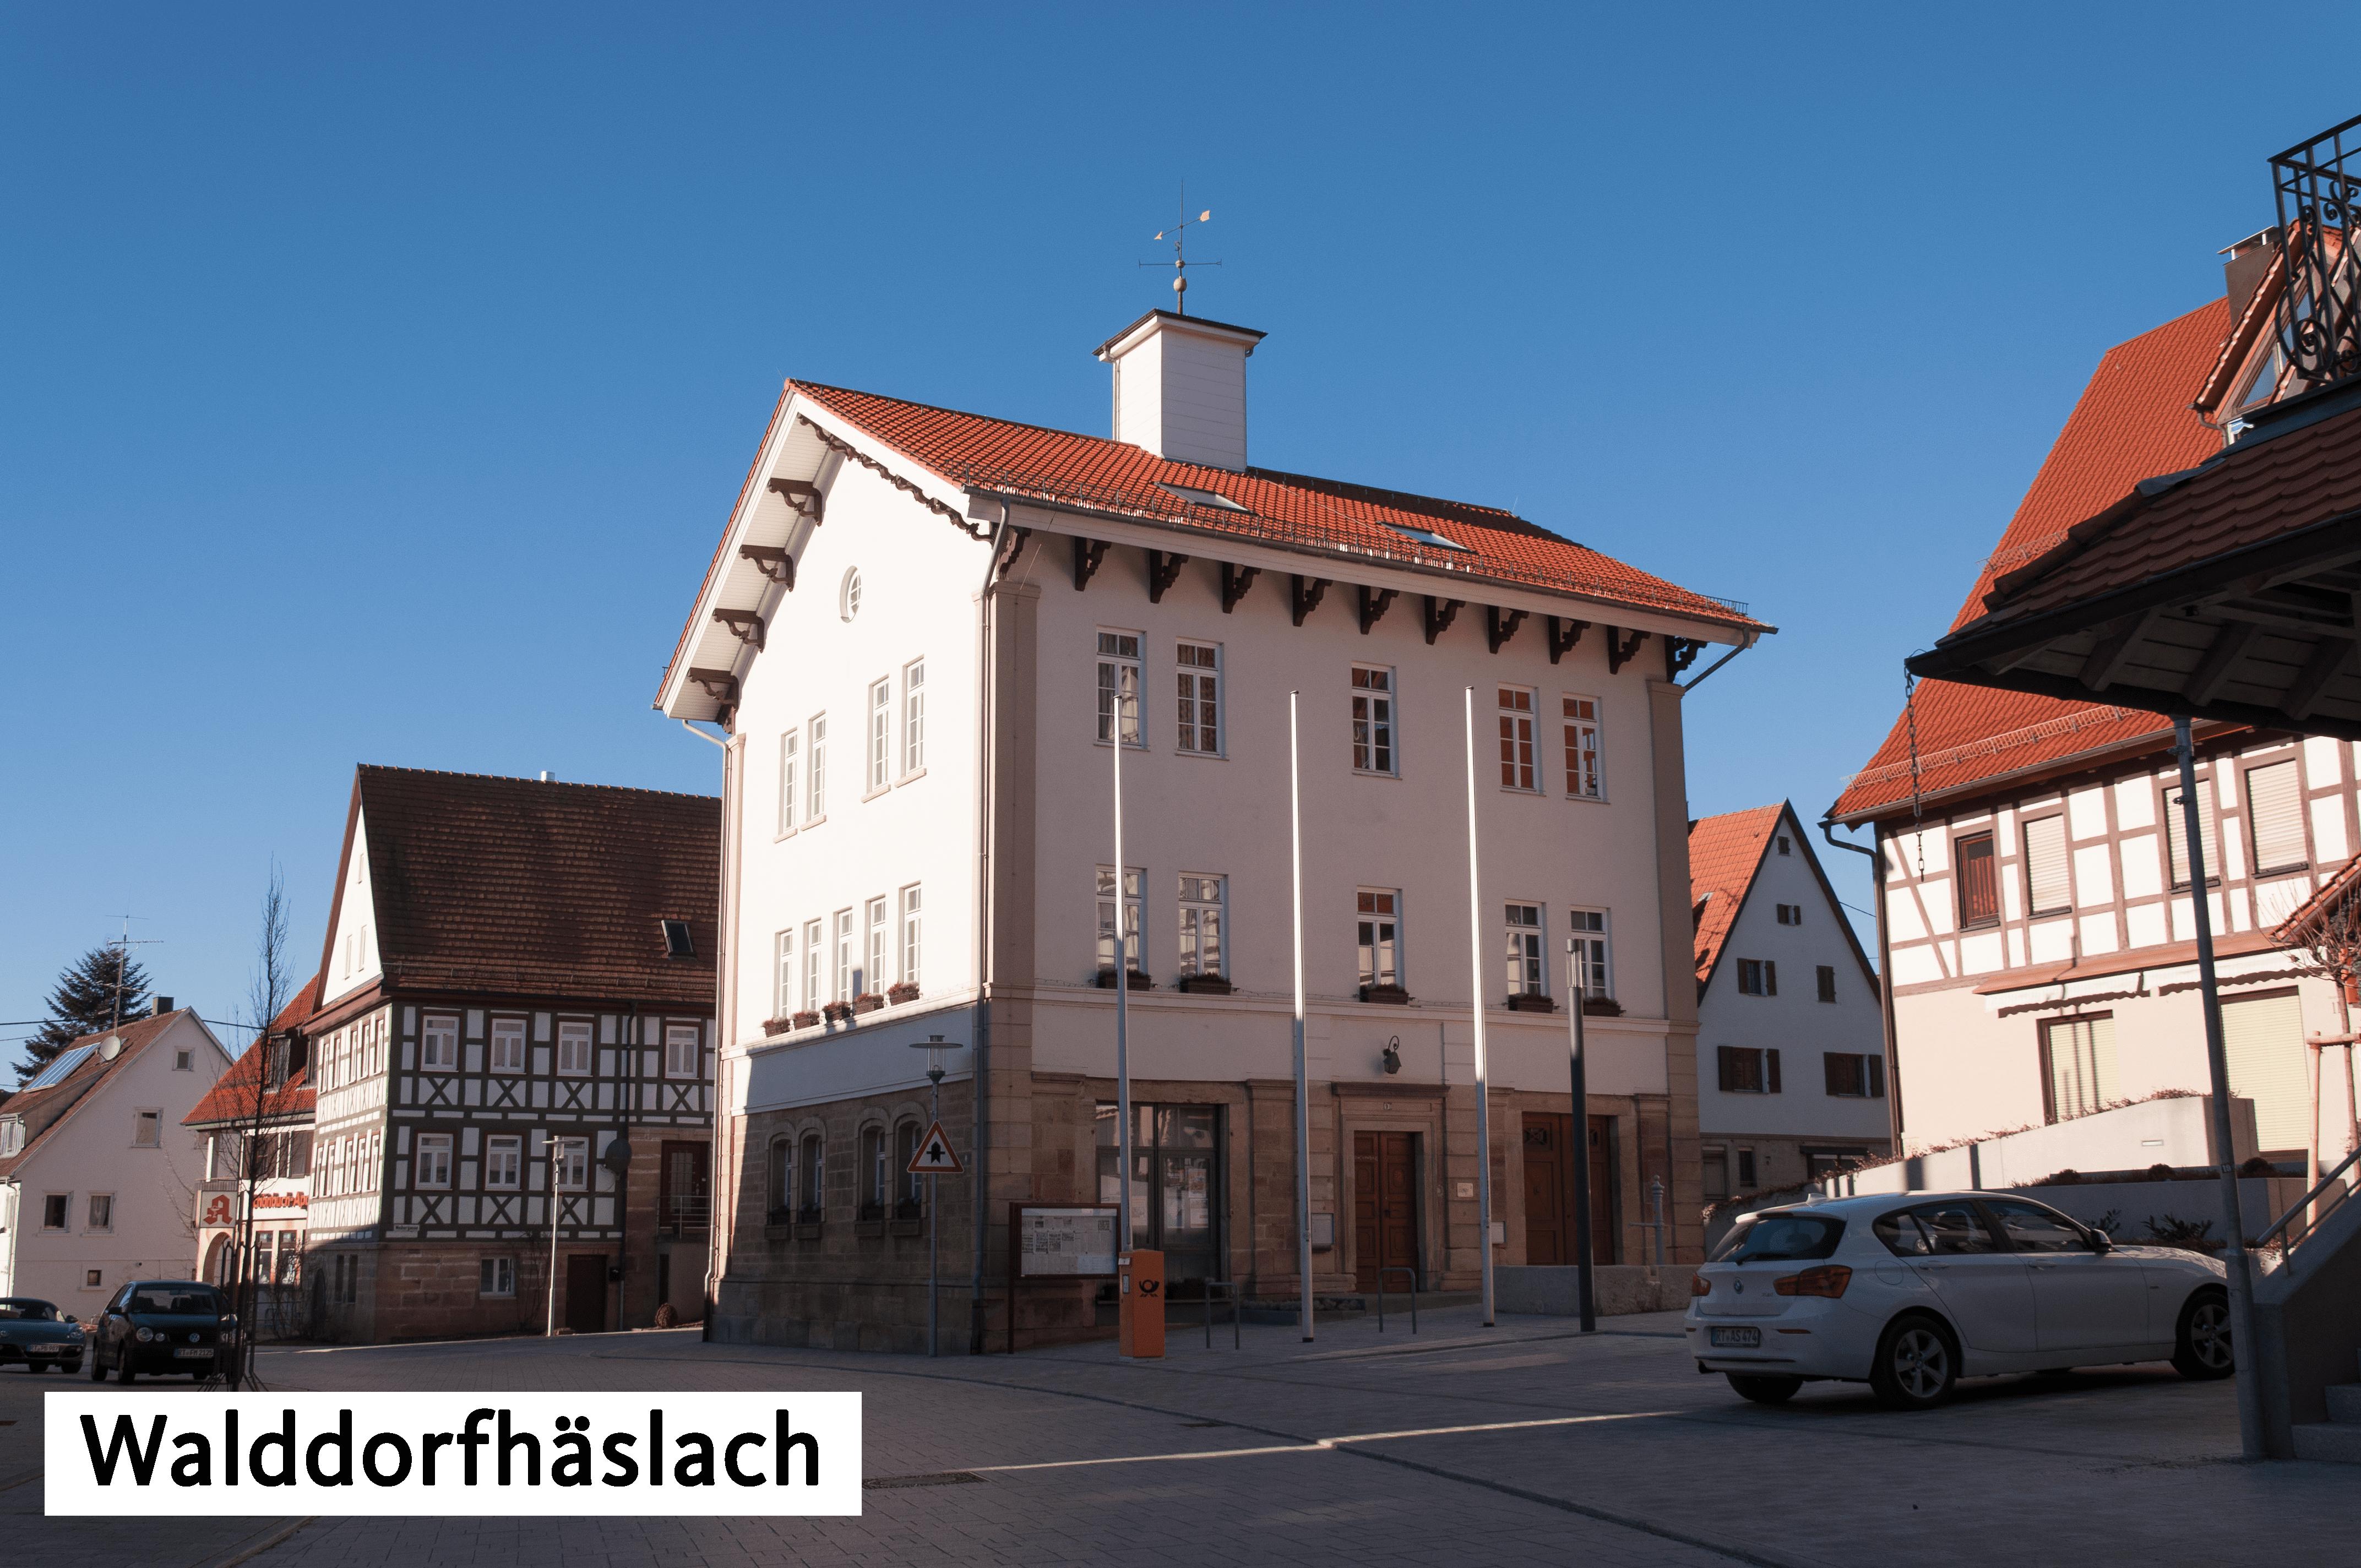 Rathaus Walddorfhäslach